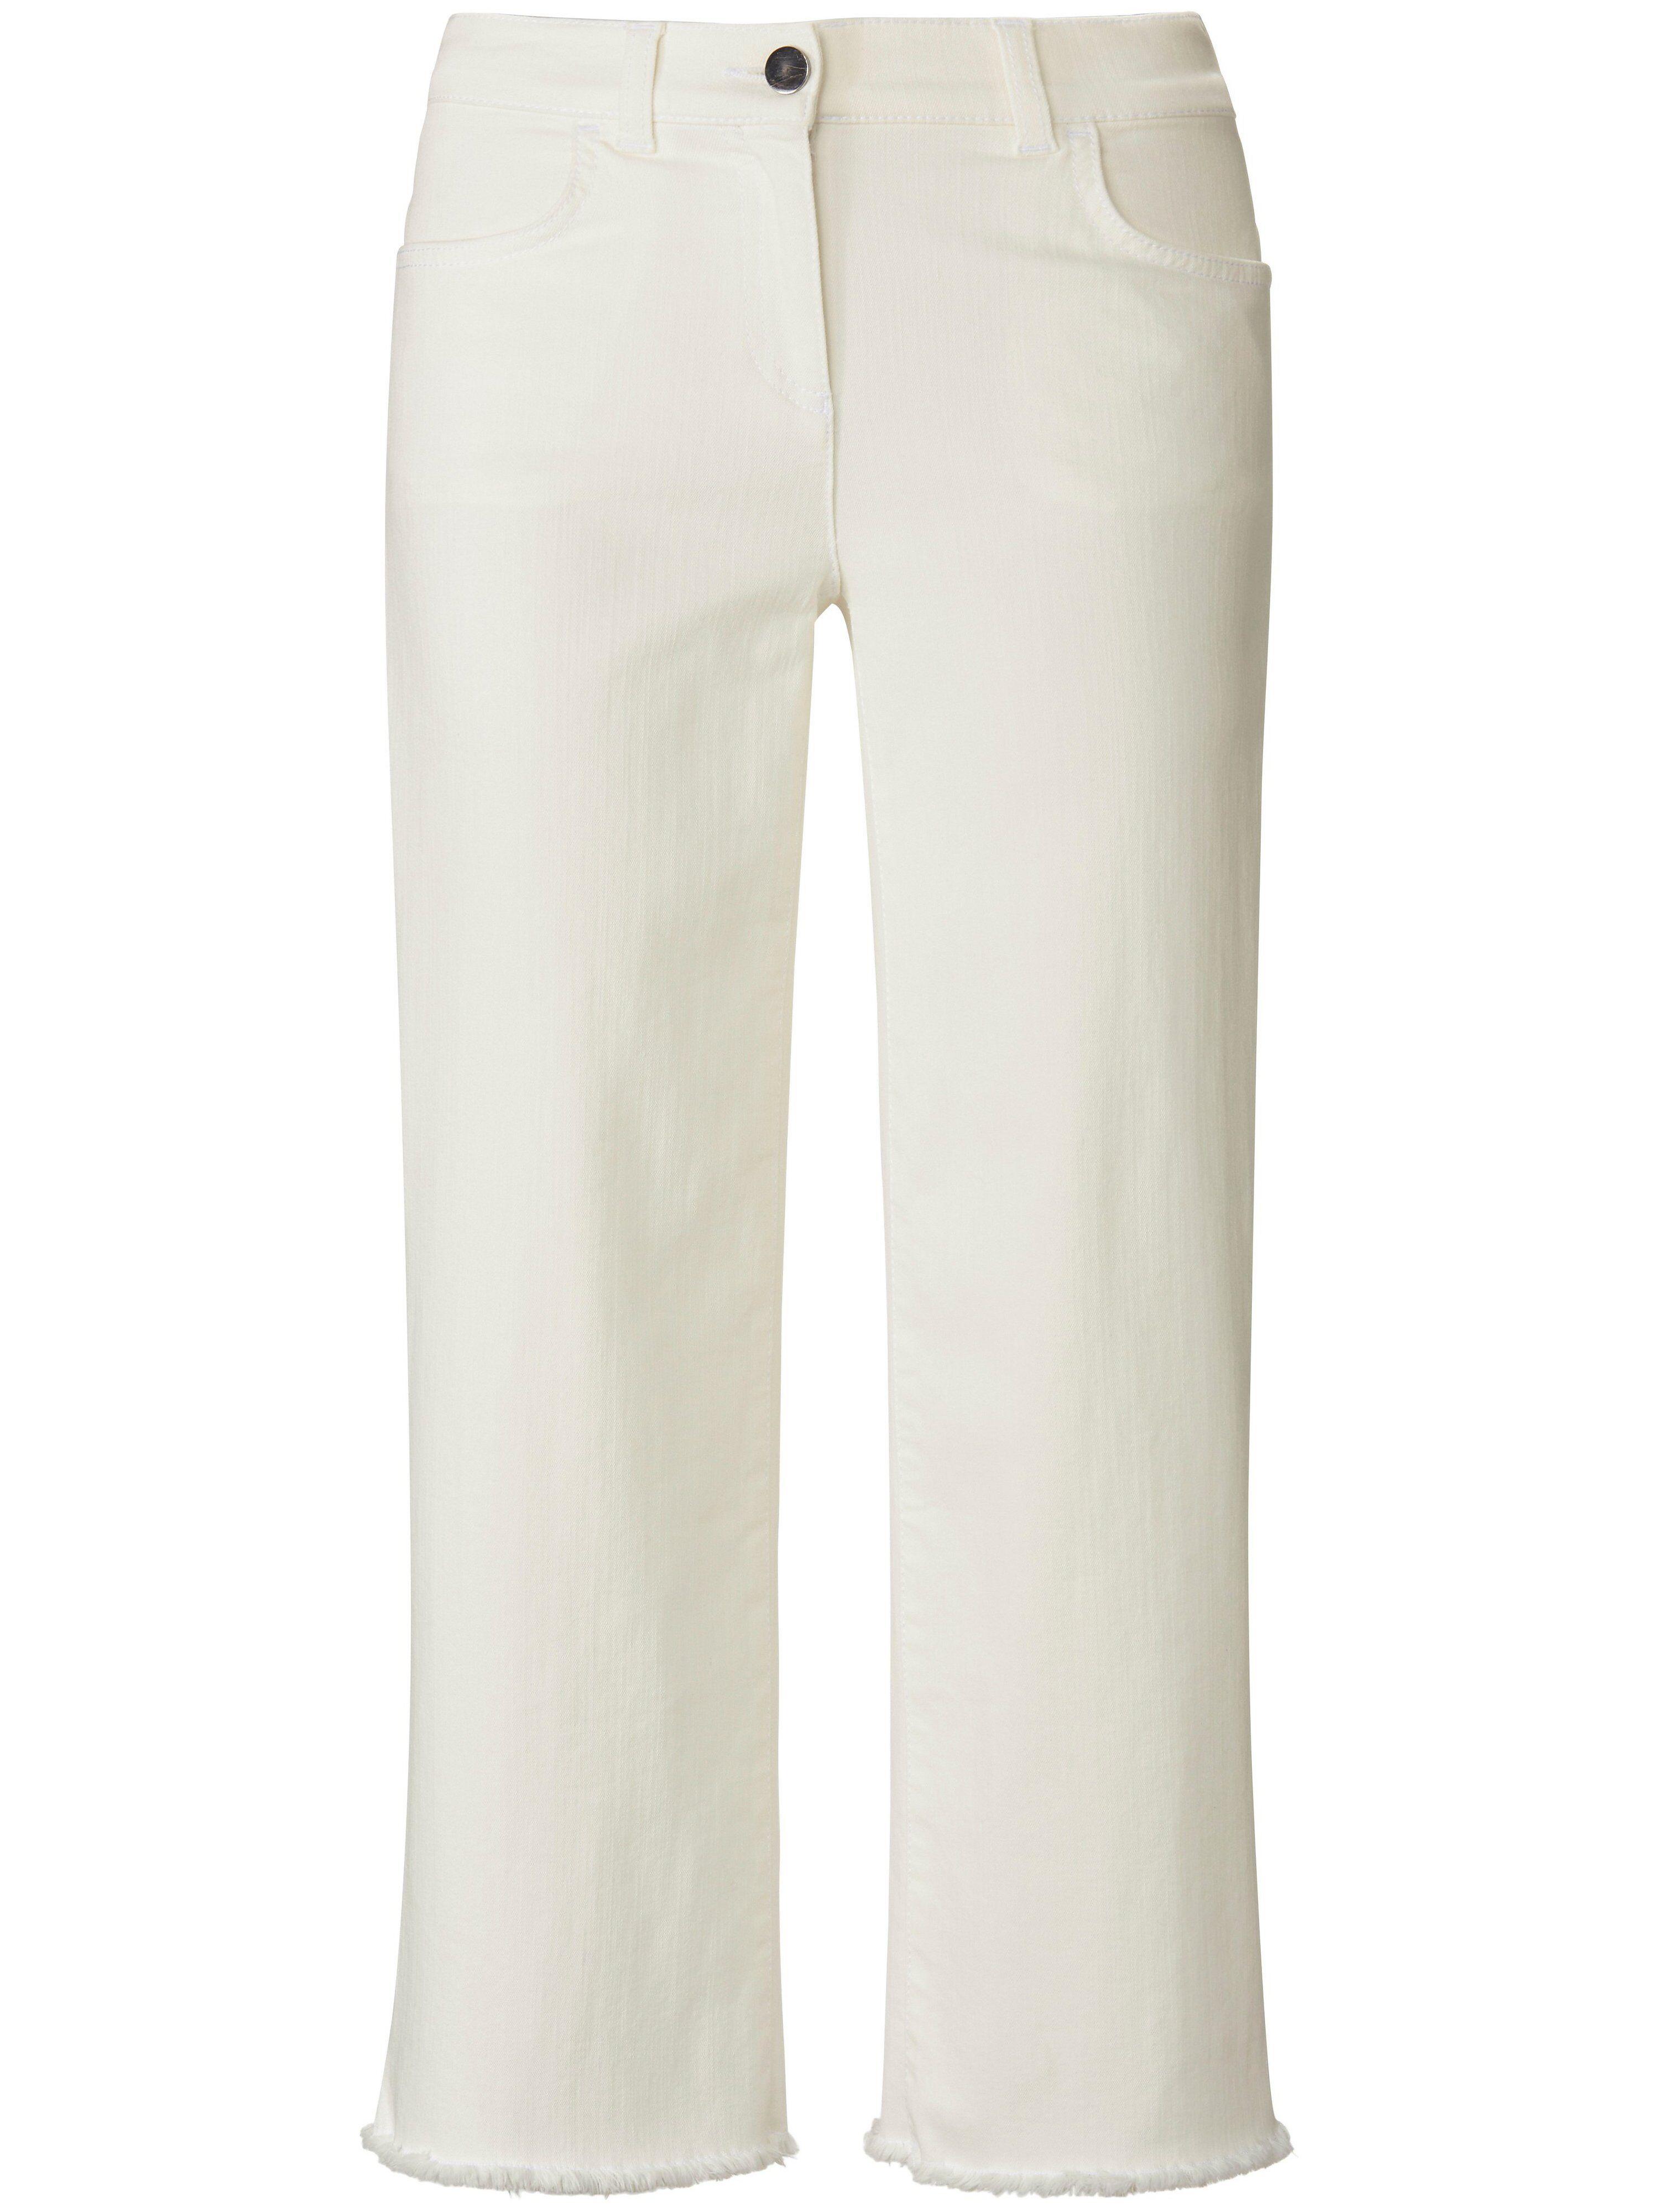 Peter Hahn La jupe-culotte en jean coupe 4 poches  PETER HAHN PURE EDITION blanc  - Femme - 38